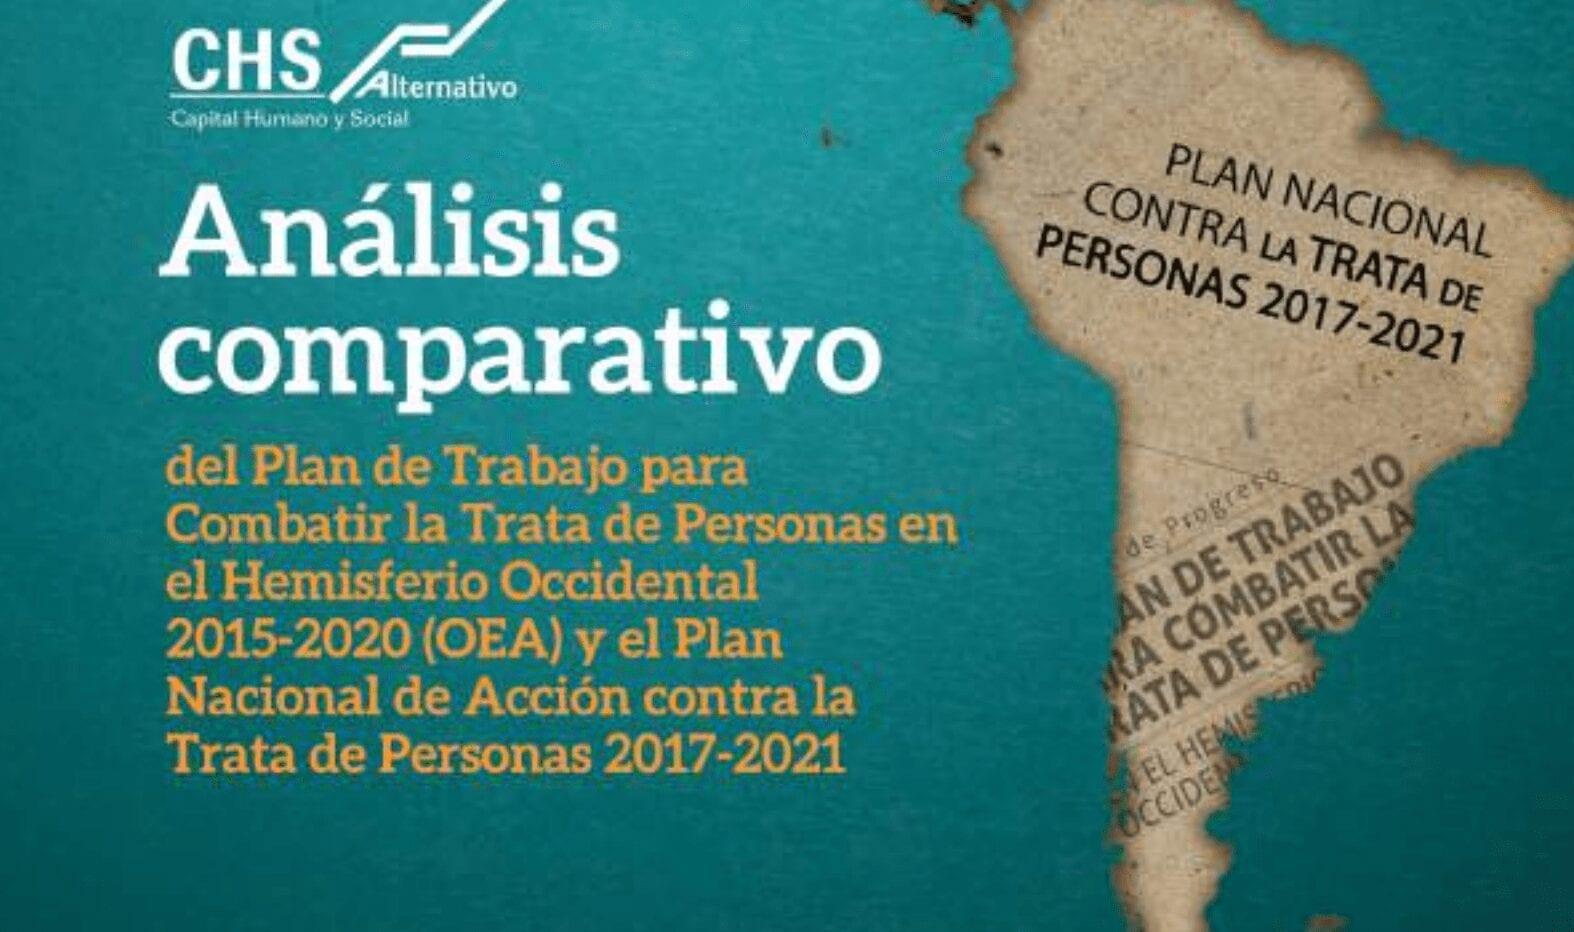 Análisis del Plan de Trabajo para combatir la trata de personas: OEA y PNAT